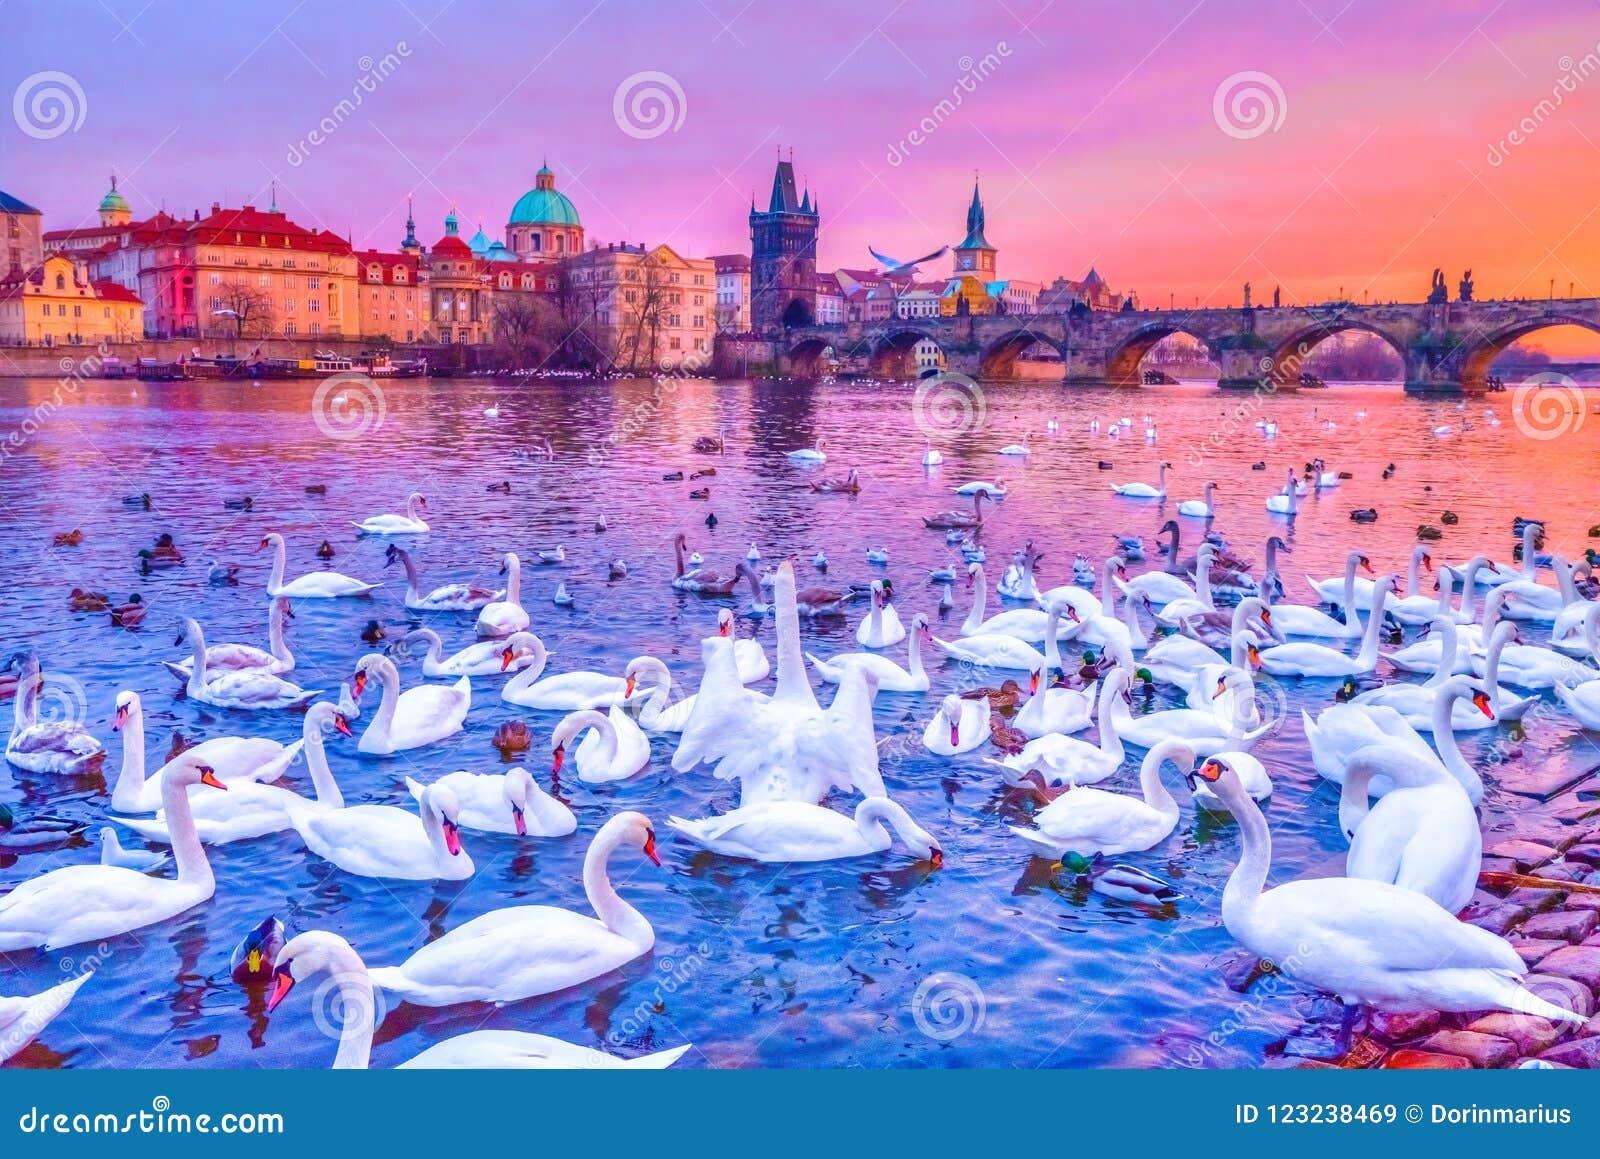 Cygnes sur la rivière de Vltava, Charles Bridge au coucher du soleil à Prague, République Tchèque